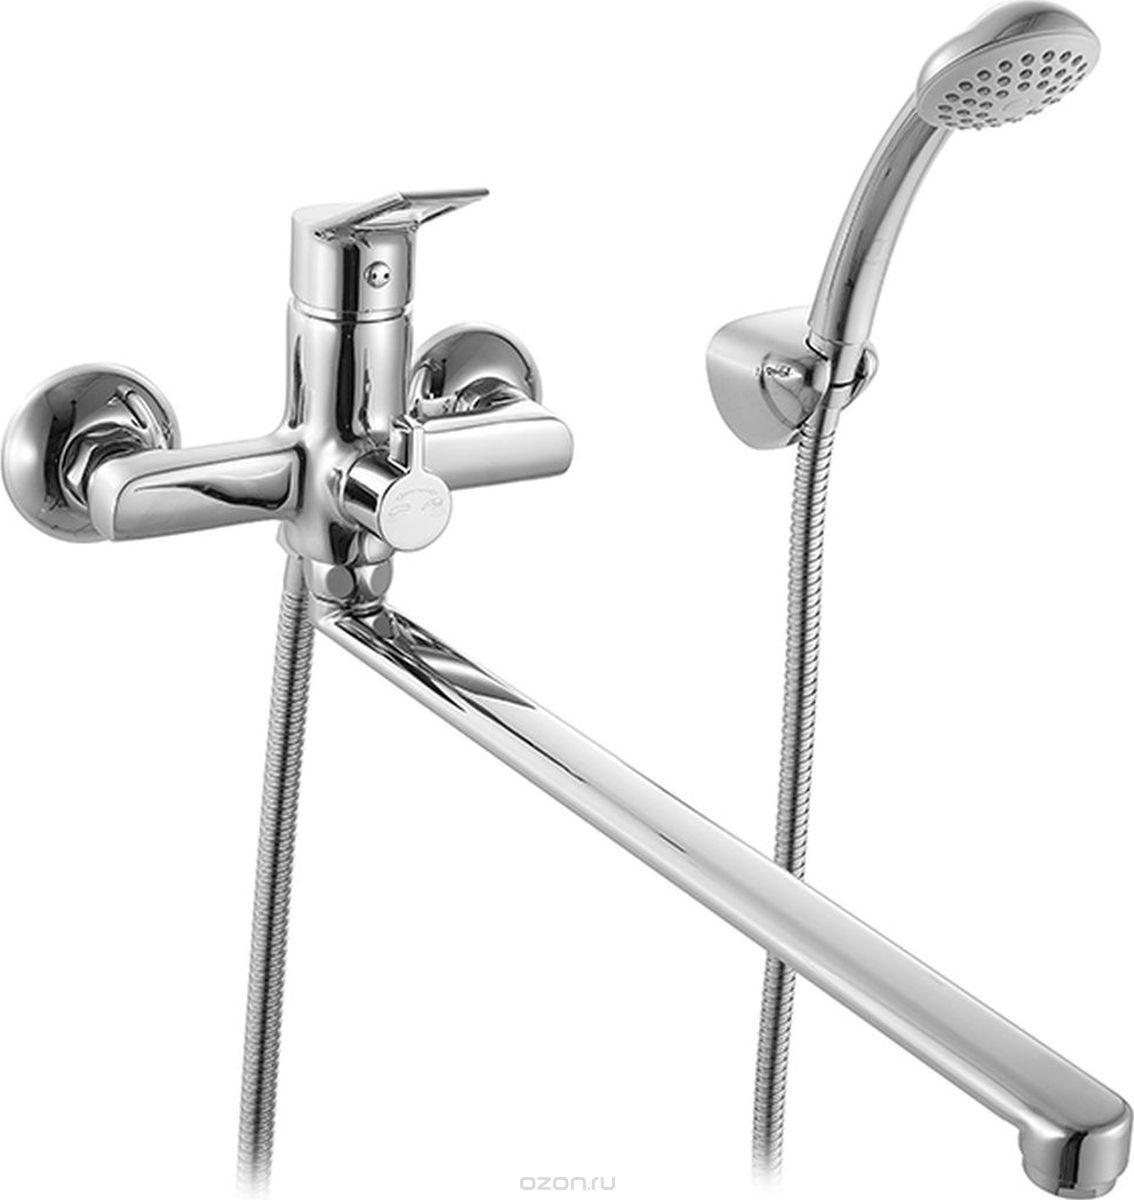 Смеситель для ванной c длинним изливом с кер.див Milardo UKON